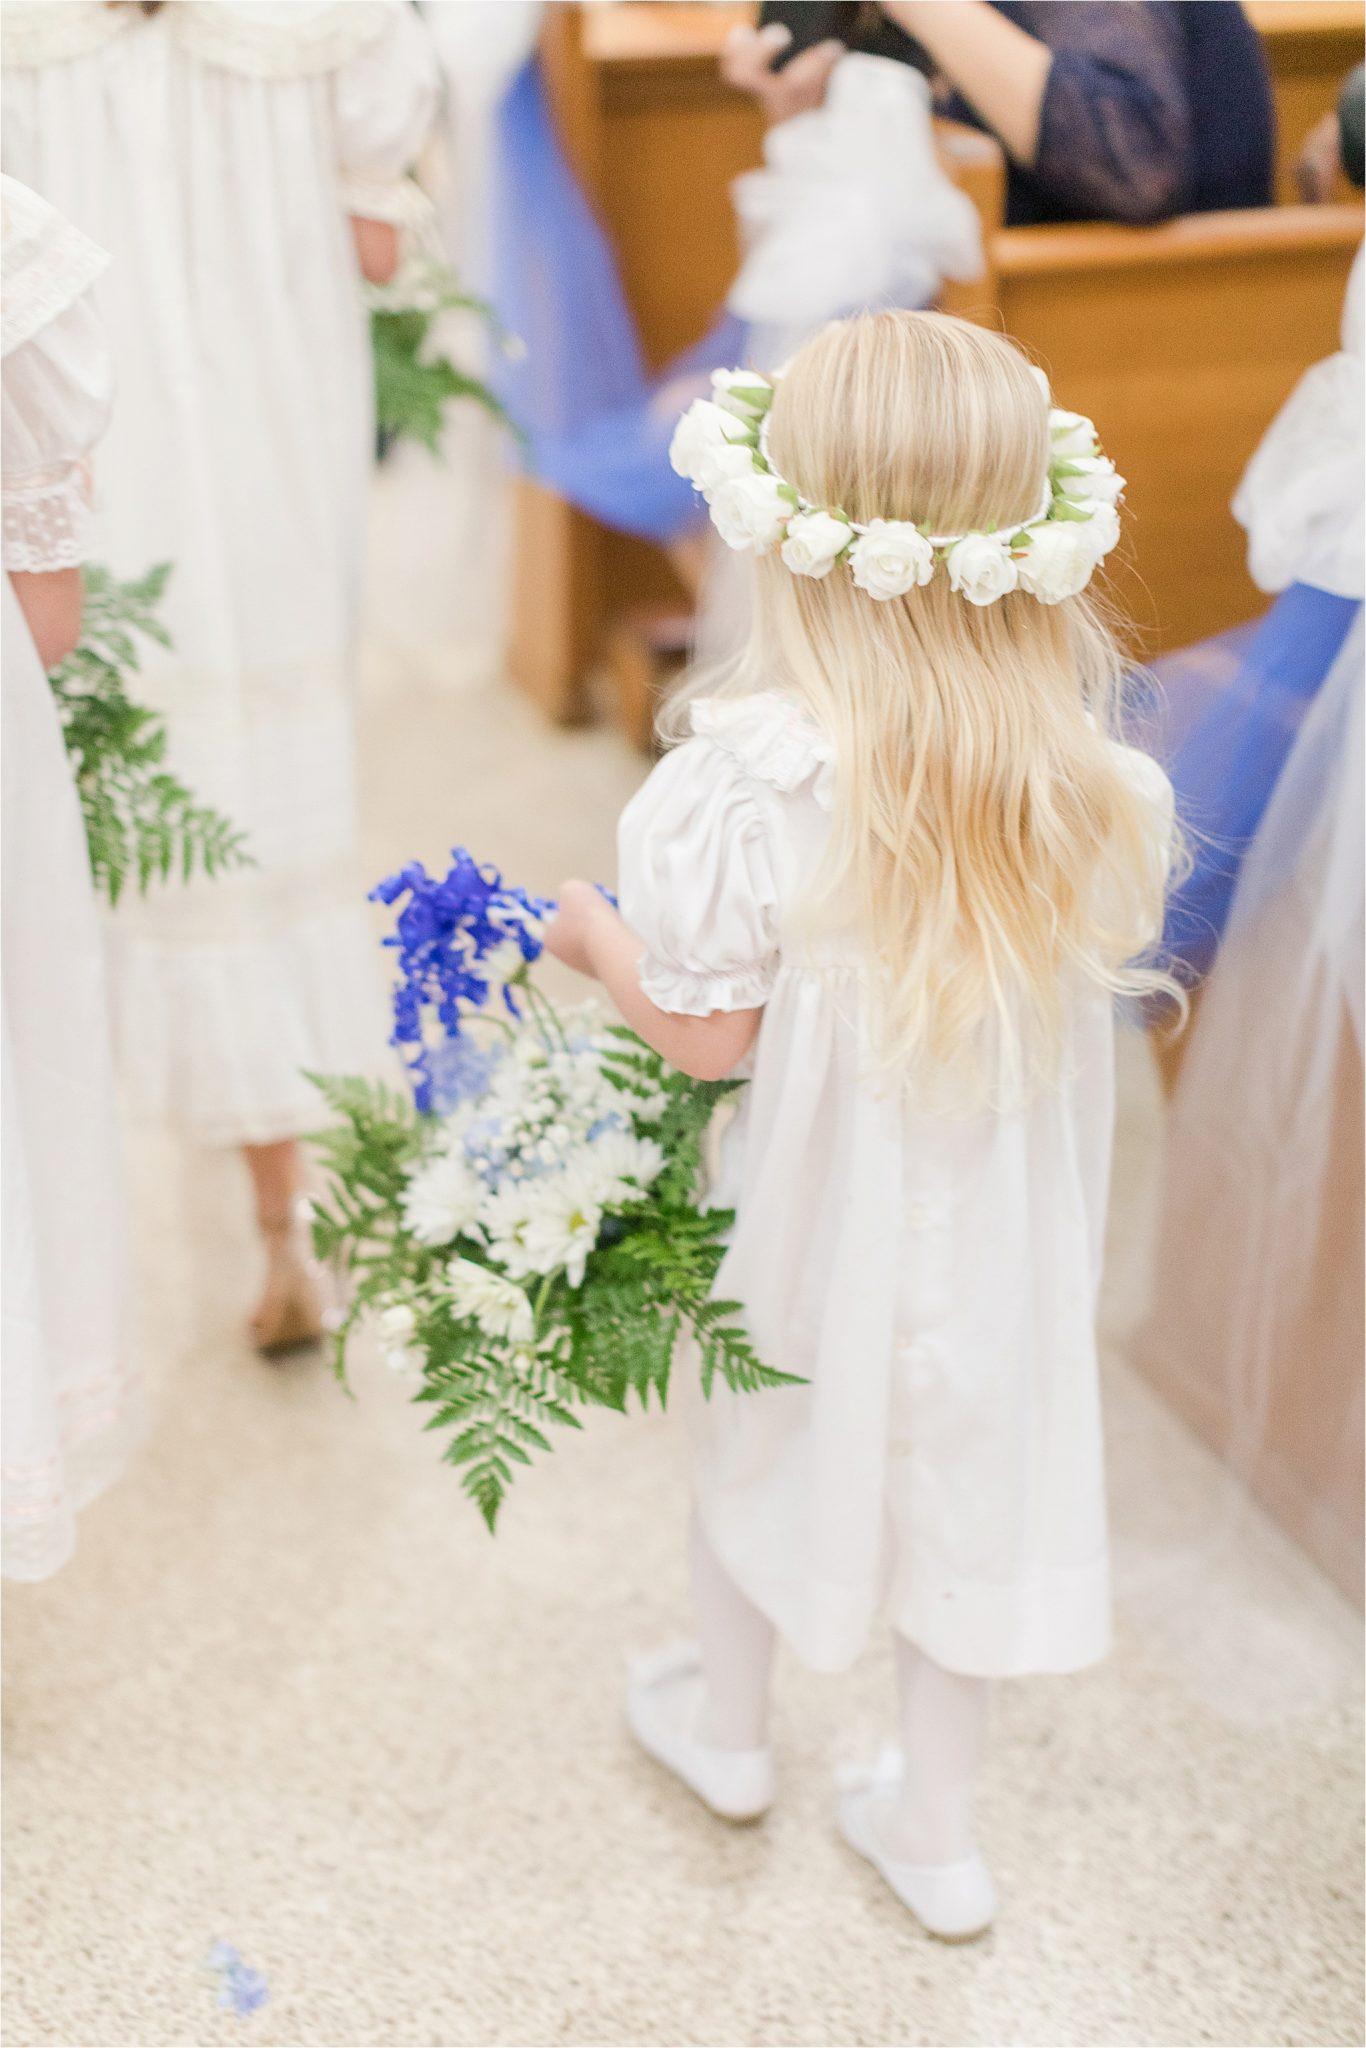 young flower girl-white rose-flower crown-flower basket-white dress